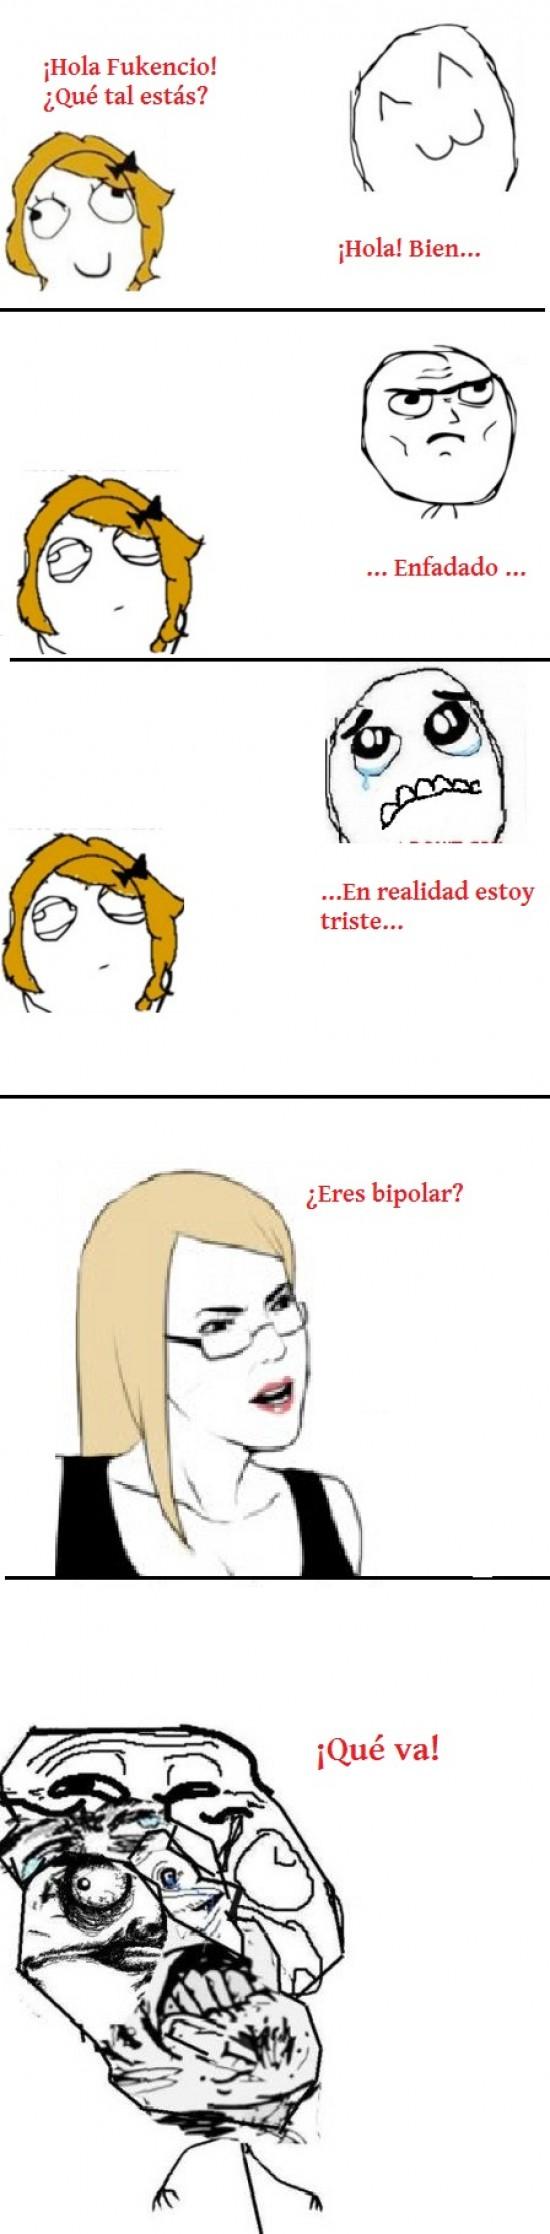 Otros - Bipolaridad